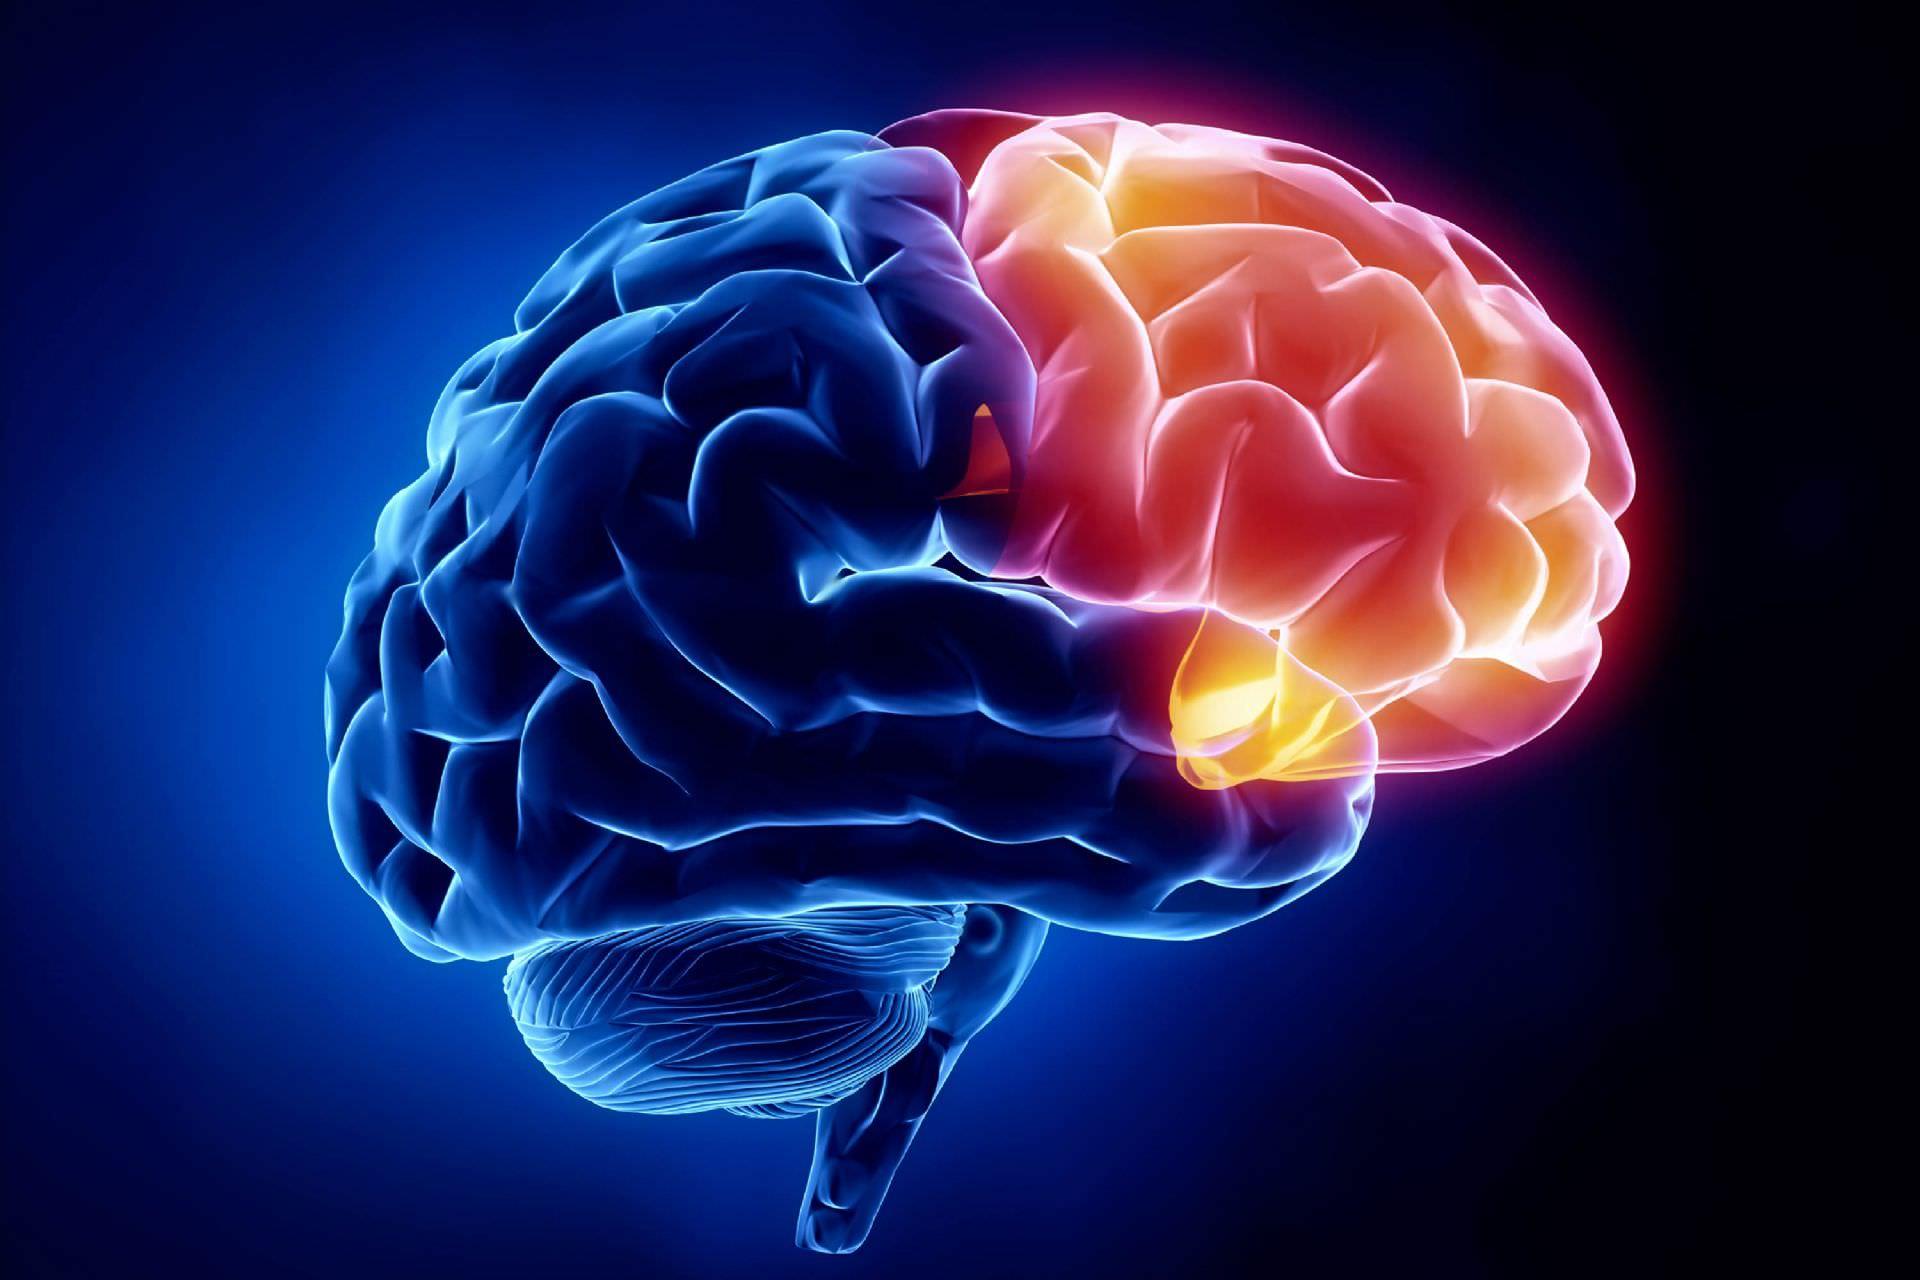 3. Aç beynimiz Olursa Ne Olur